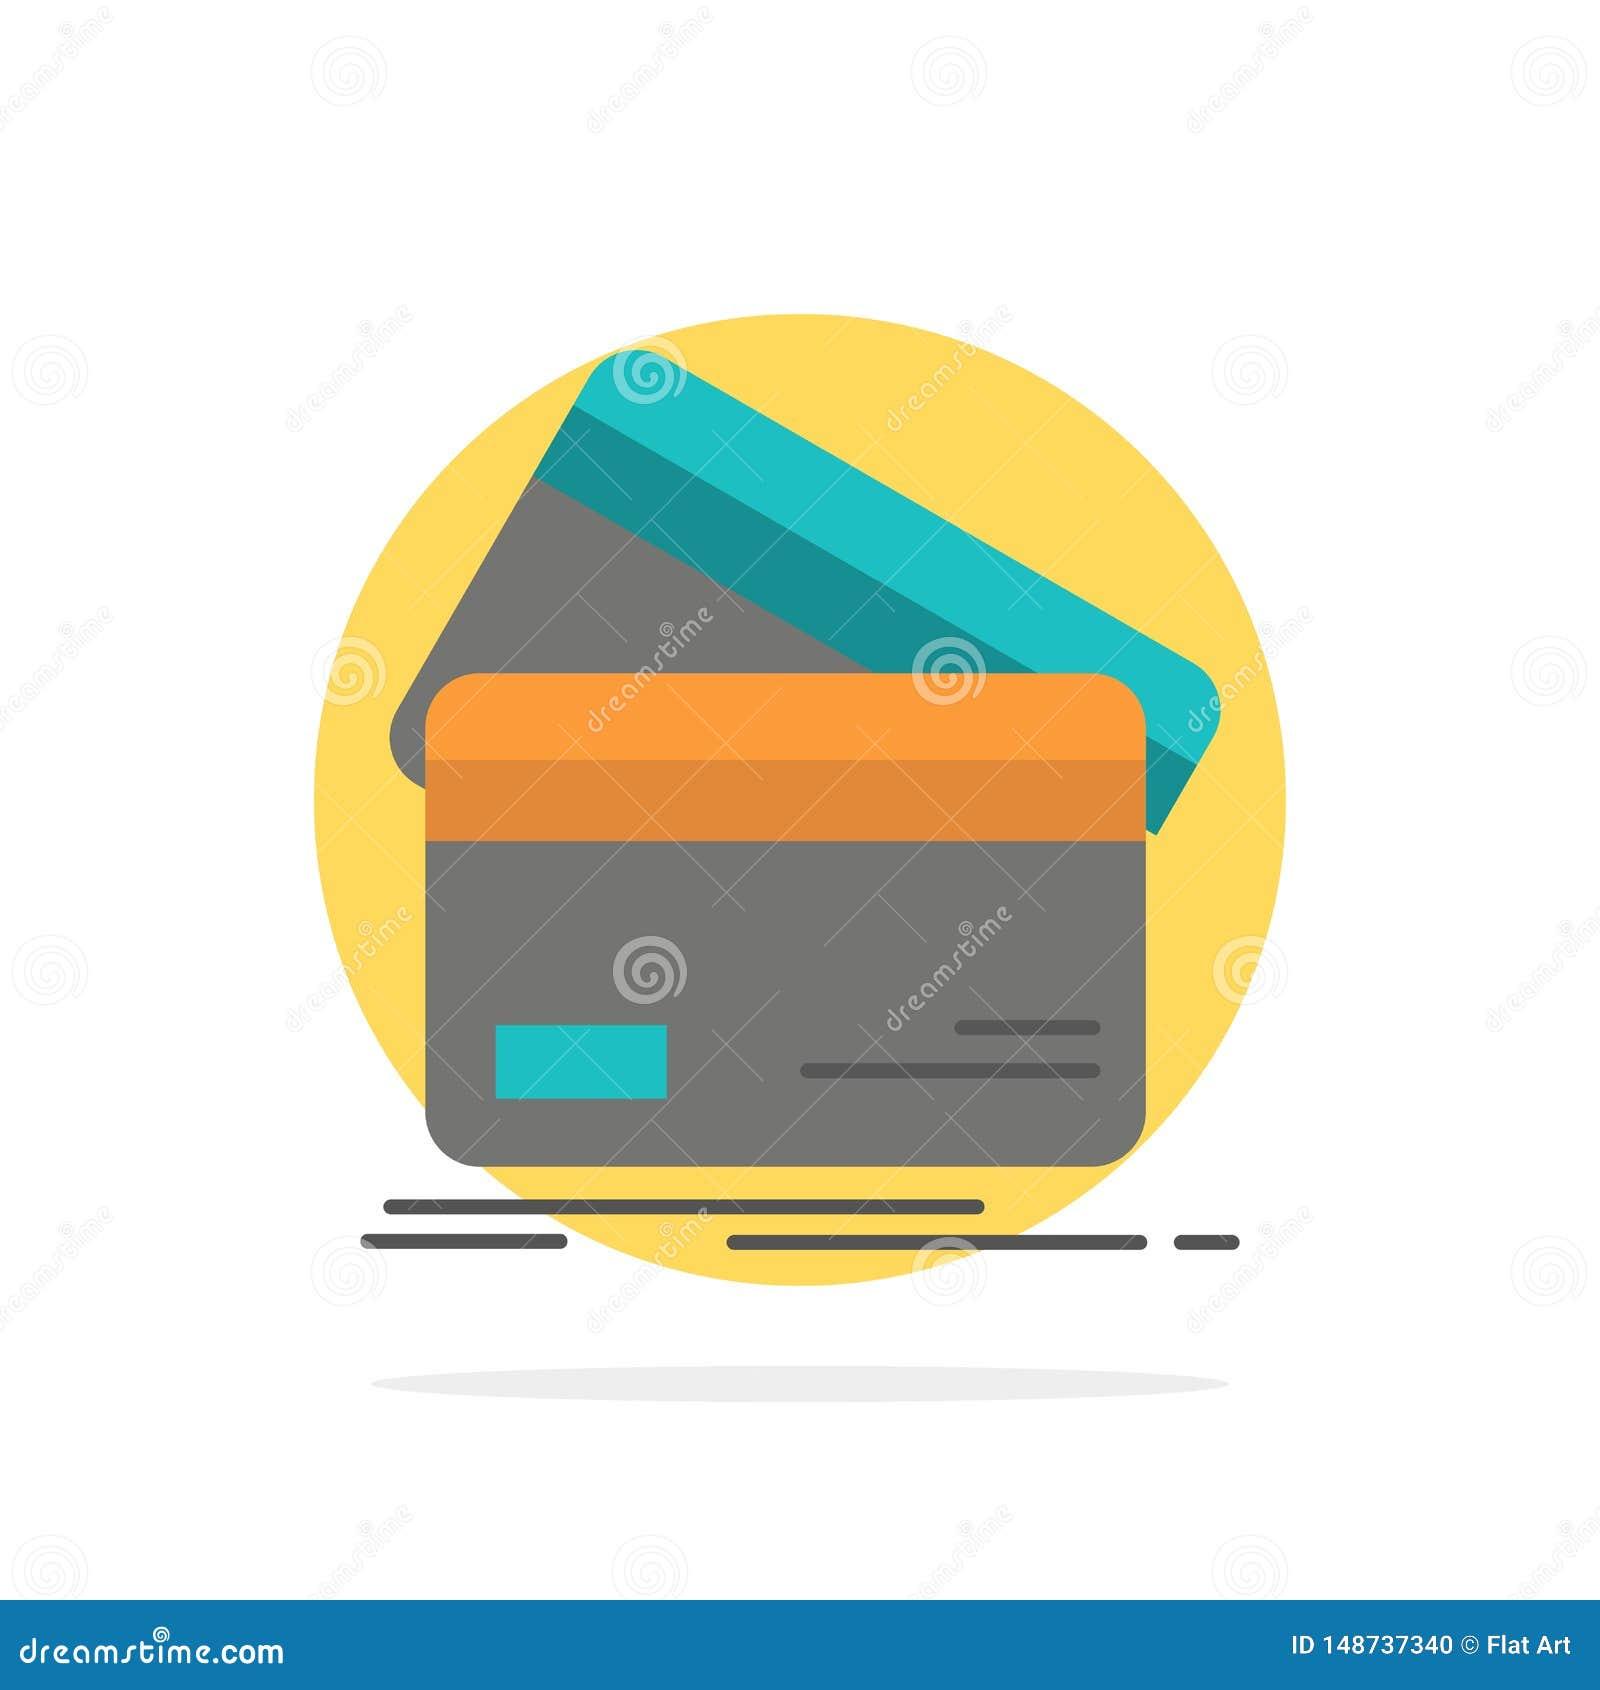 Karta kredytowa, biznes, karty, karta kredytowa, finanse, pieniądze, Robi zakupy Abstrakcjonistycznego okręgu tła koloru Płaską i